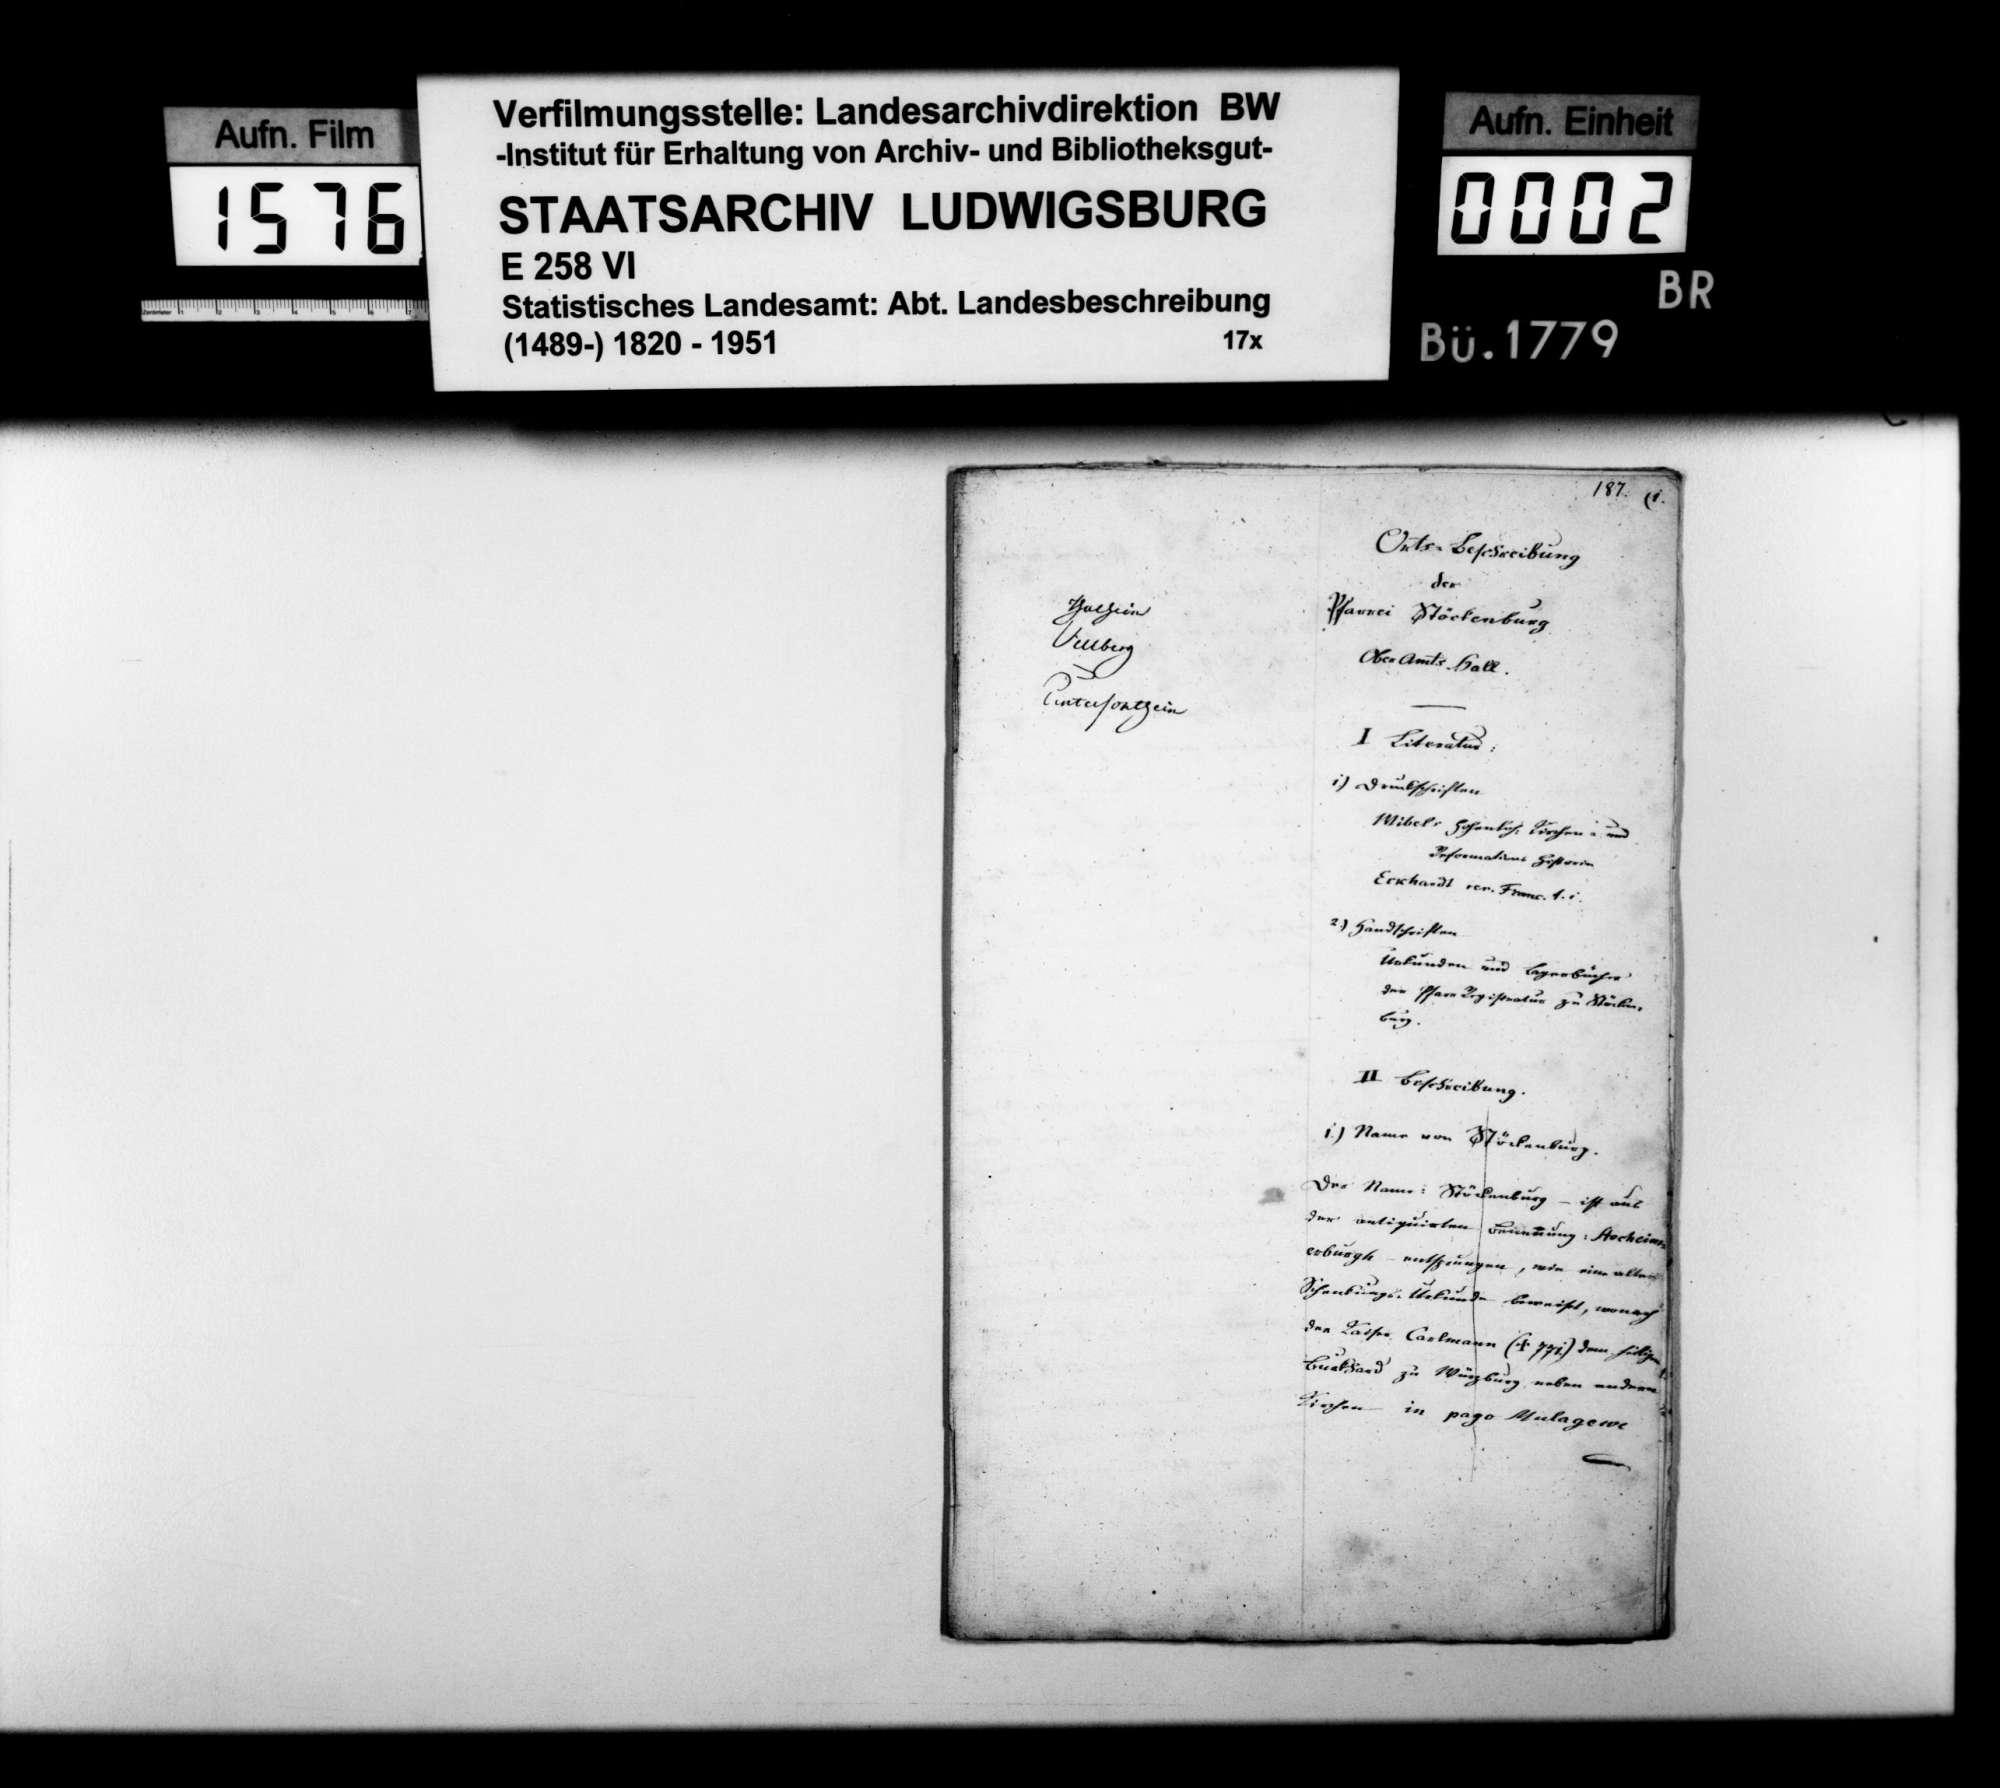 Beschreibung des Pfarrbezirks Stöckenburg von Pfarrer Renner nach den Themen wie oben bei Anhausen, Bild 1